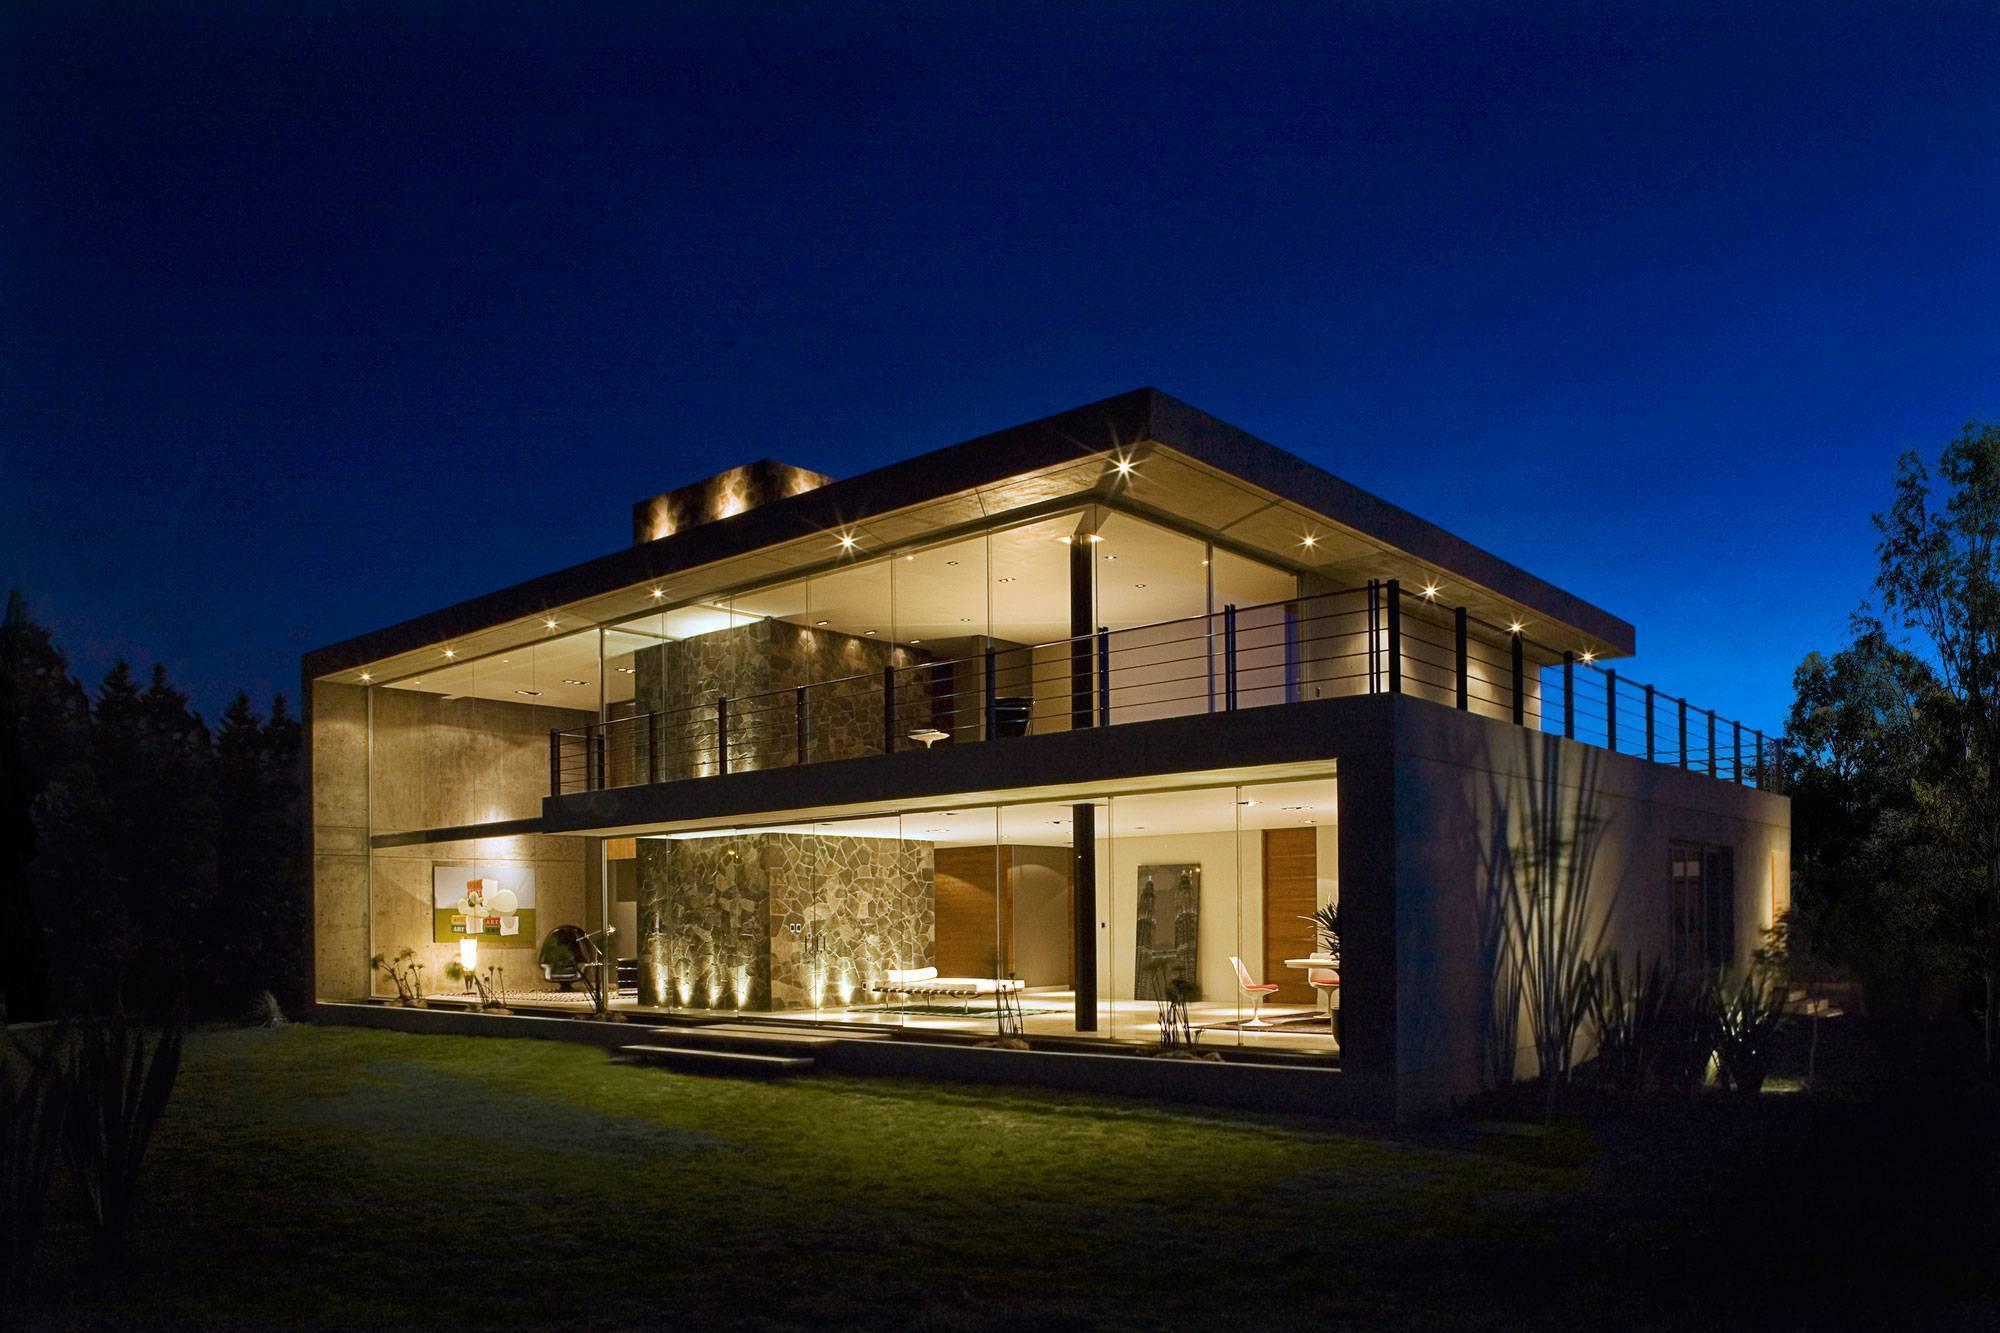 Стеклянный дом: фото оригинальных и привлекательных решений. стеклянные дома с деревянным каркасом сооружение из дерева и стекла